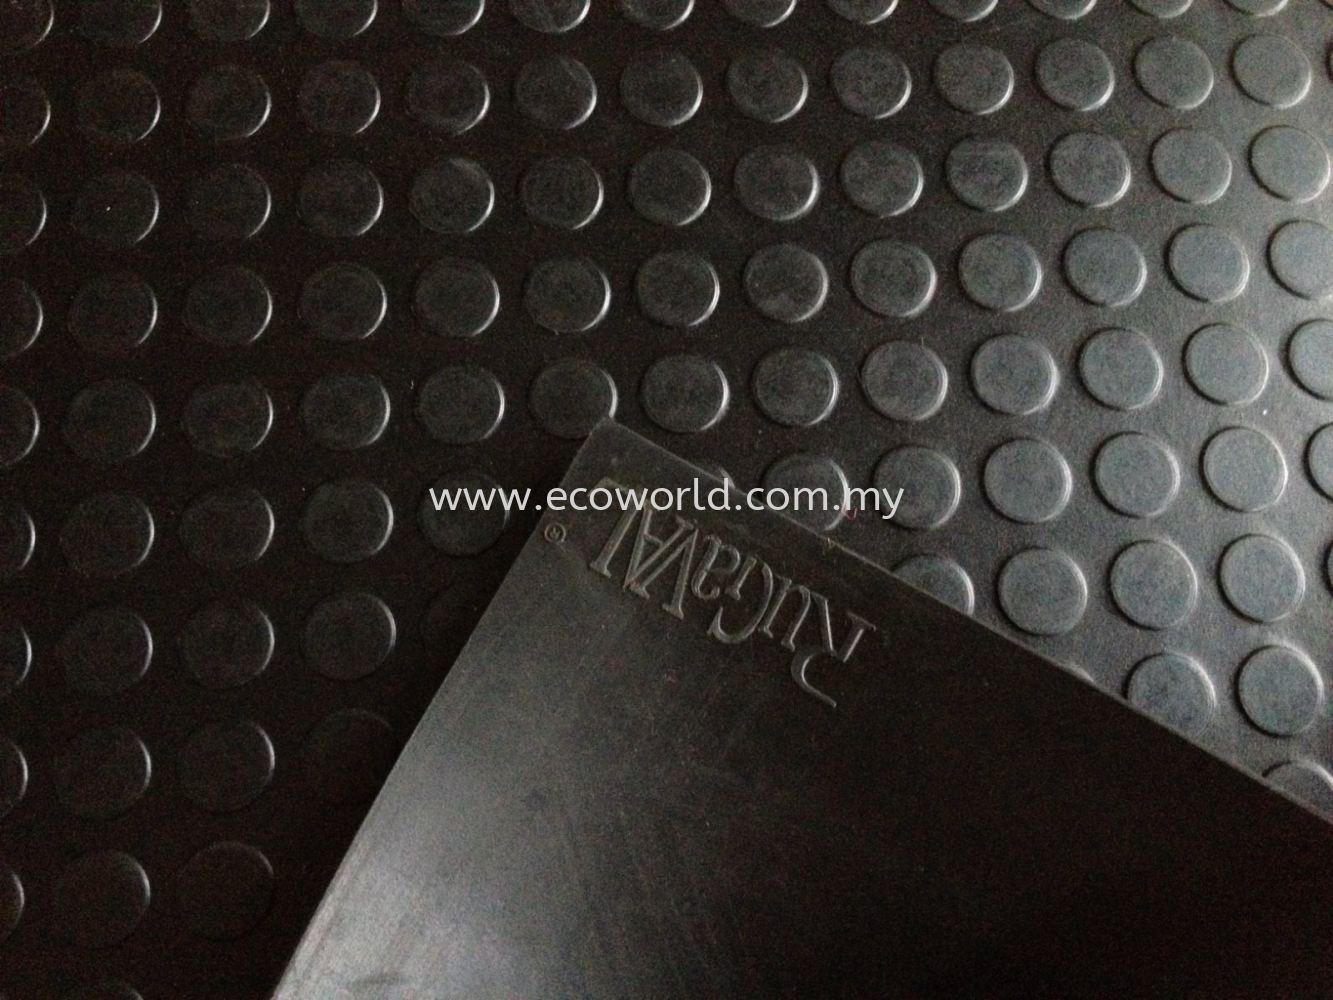 Rubber Studded Mat Roll Foam Standard Size Floor Mat